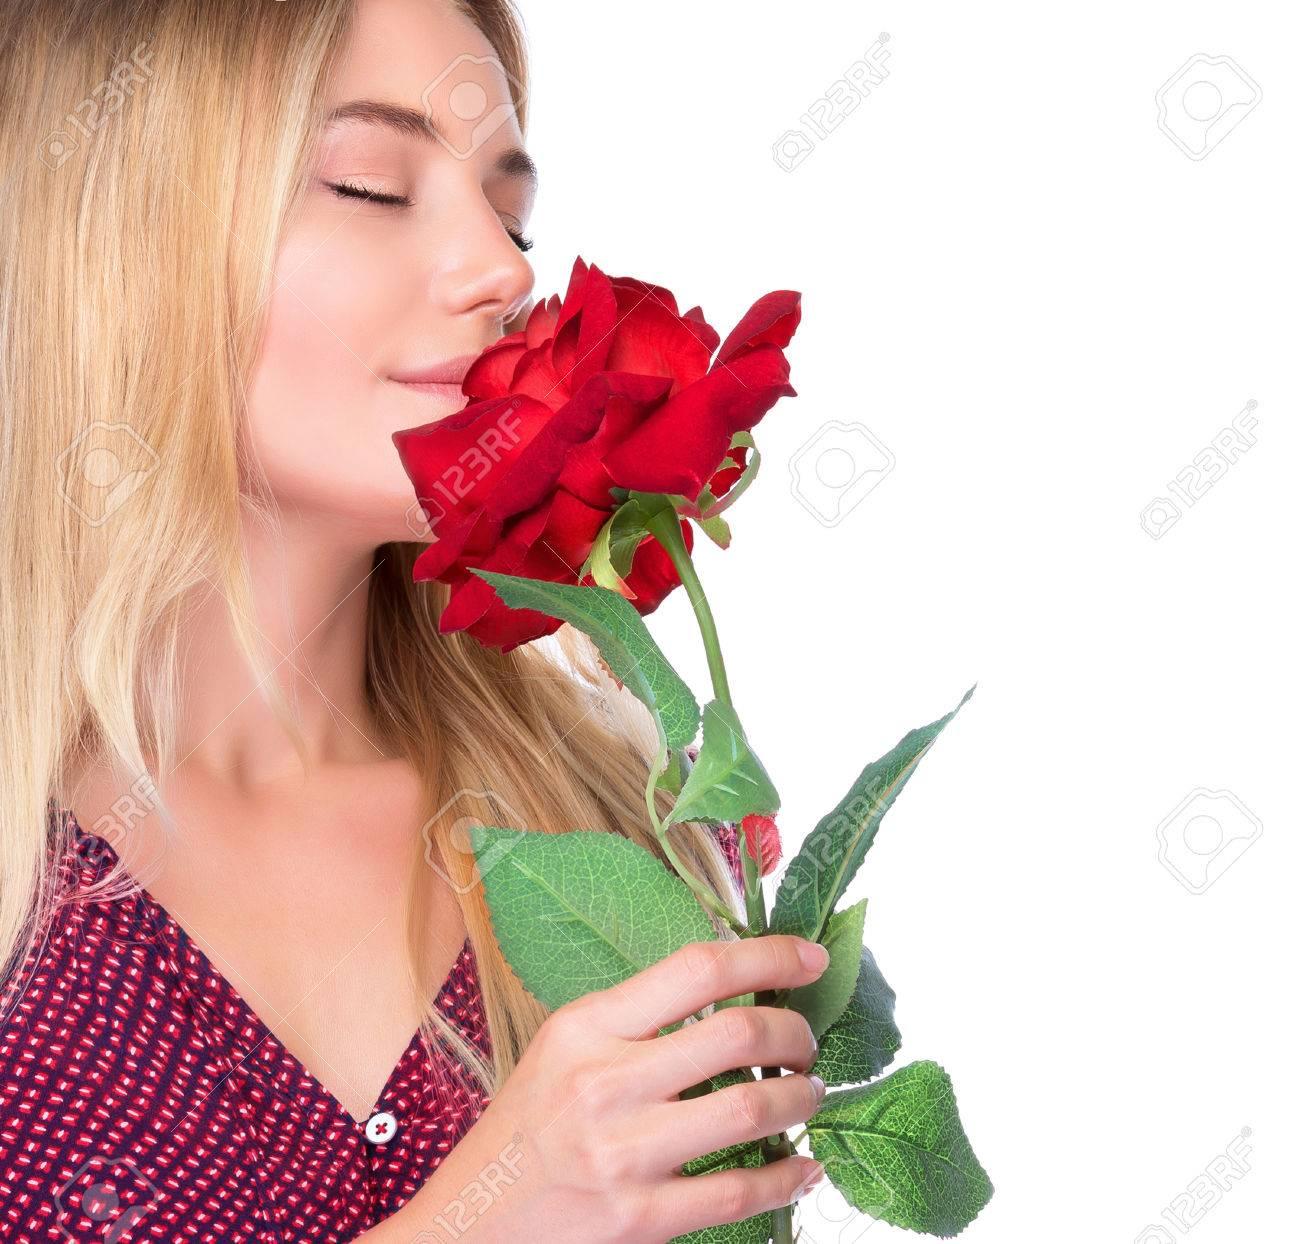 Nahaufnahmeportrait einer netten sanfte Frau riecht frisch <b>rote Rose</b> auf ... - 36151992-Nahaufnahmeportrait-einer-netten-sanfte-Frau-riecht-frisch-rote-Rose-auf-wei-em-Hintergrund-isoliert-Lizenzfreie-Bilder